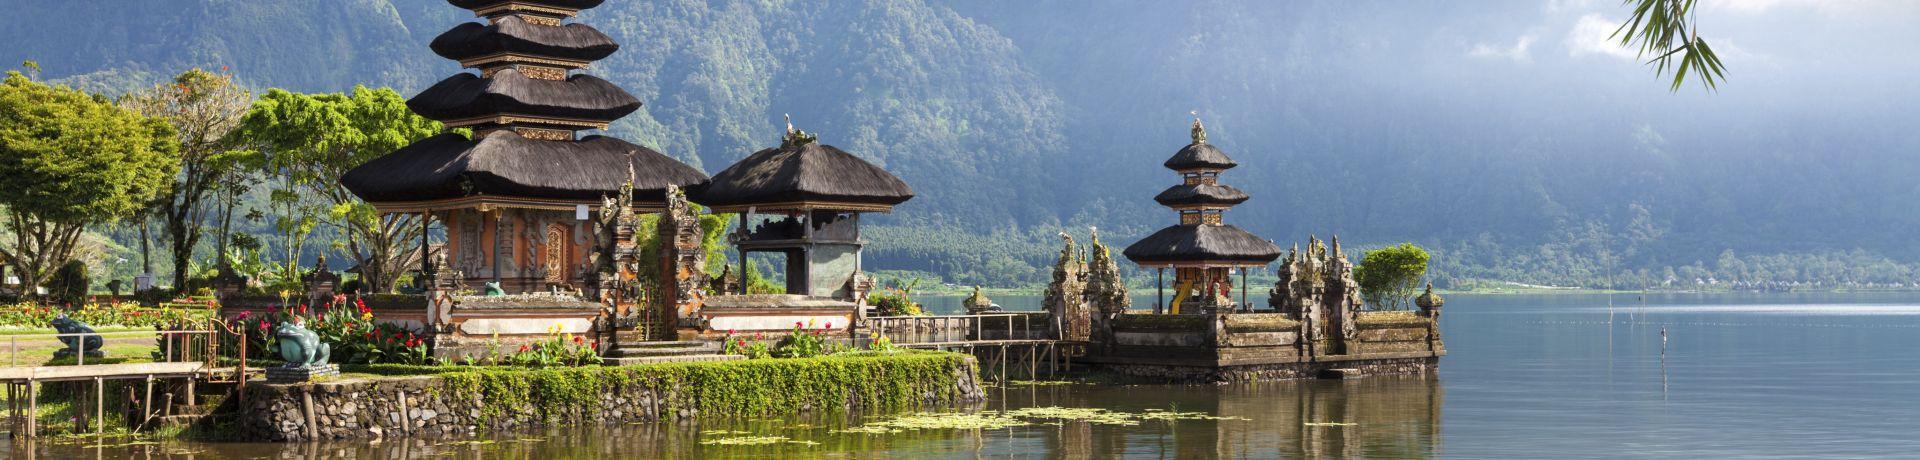 region-id-223-indonesien-indonesien-bali_TS_148327827_F1920x460.jpg